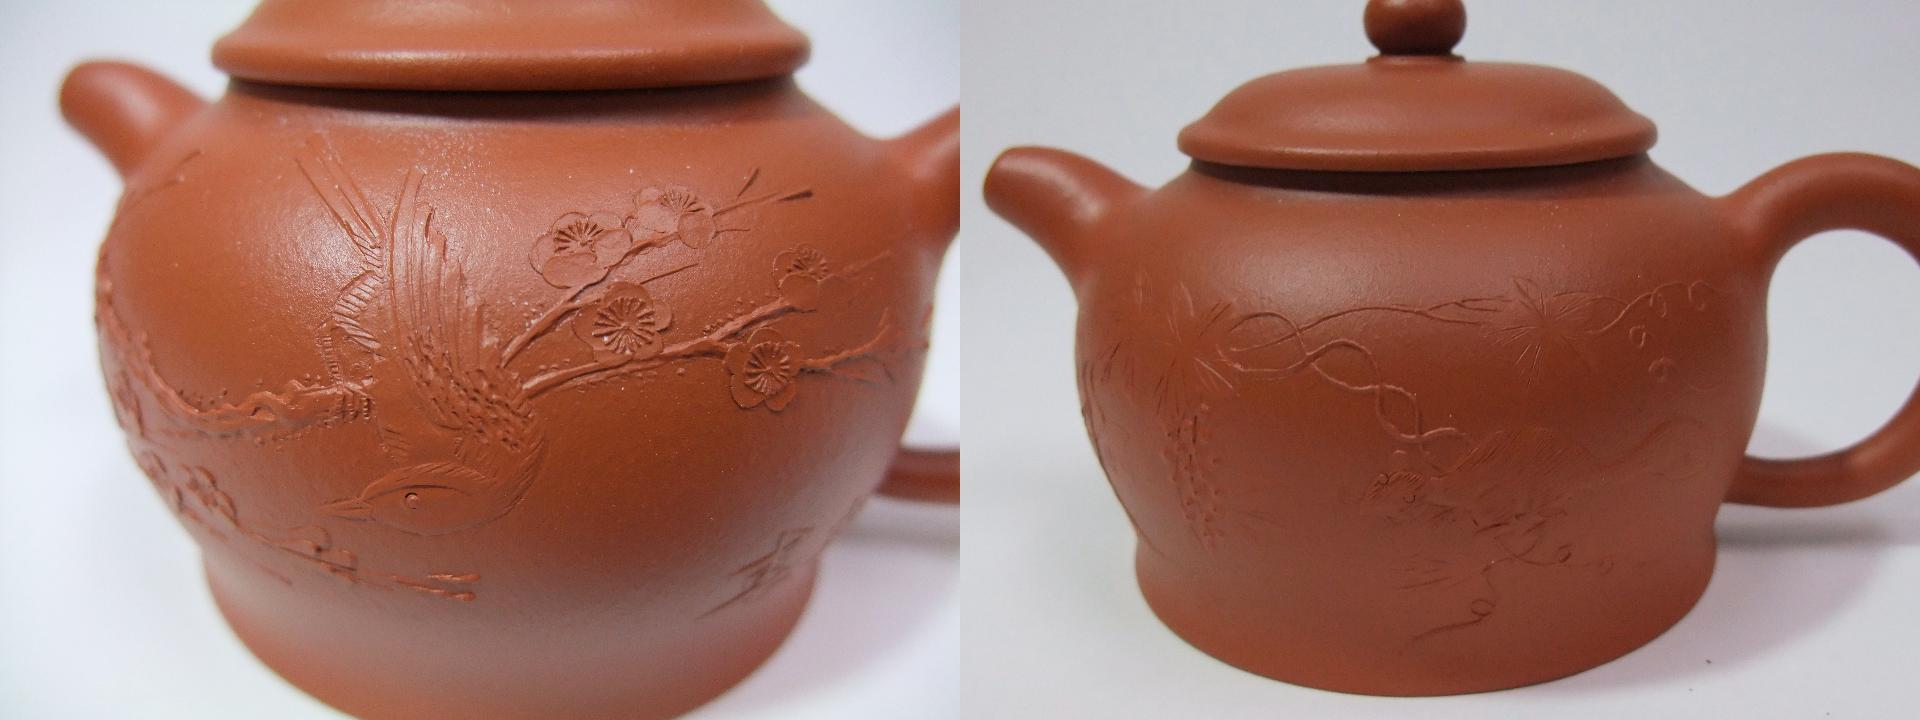 茶壺の模様_b0151300_12501111.jpg